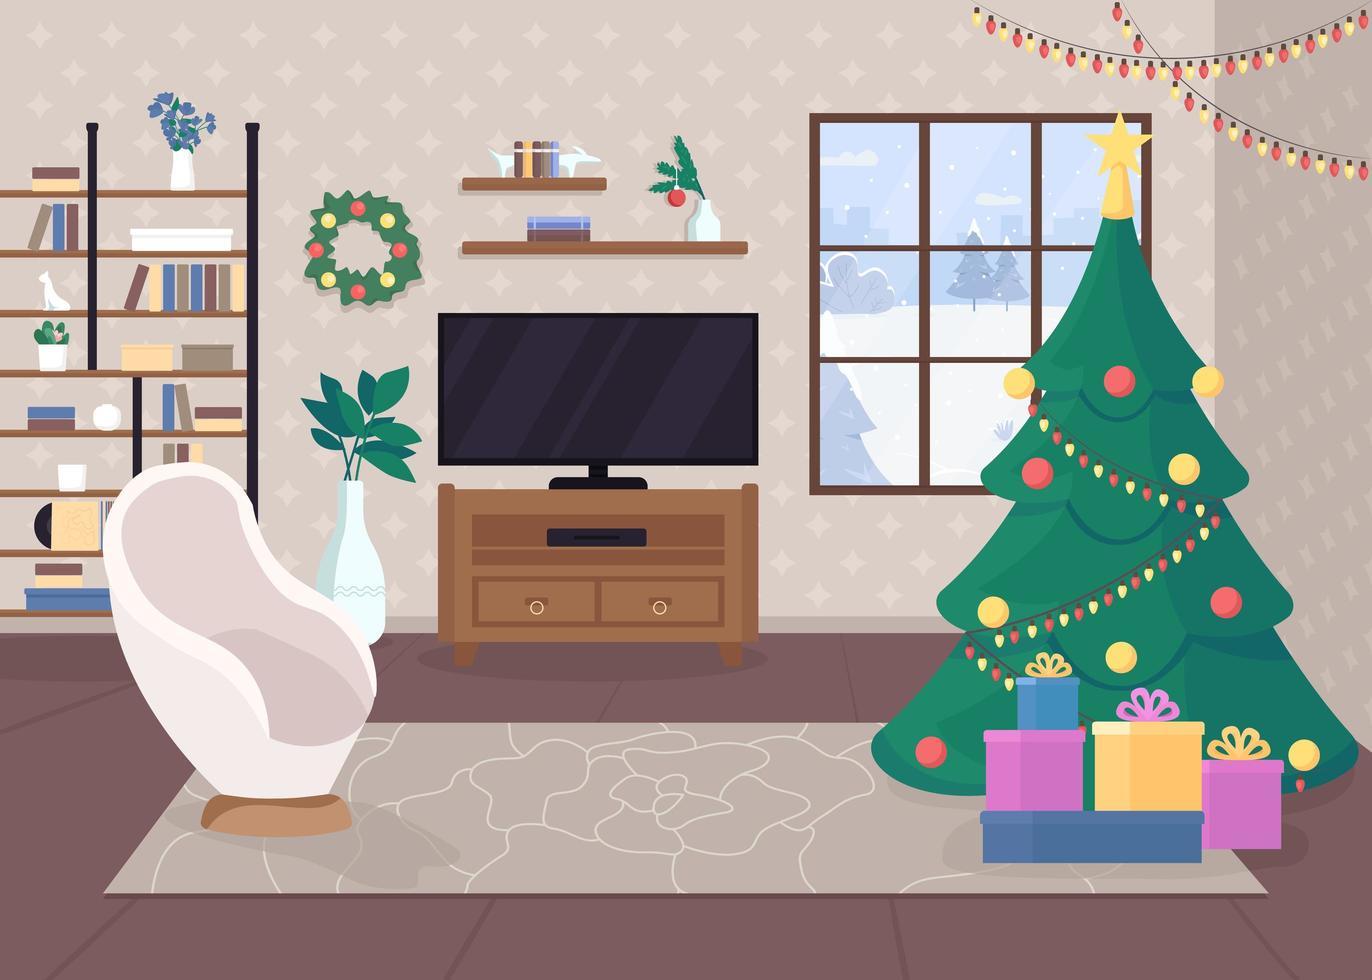 casa de navidad moderna en el interior vector